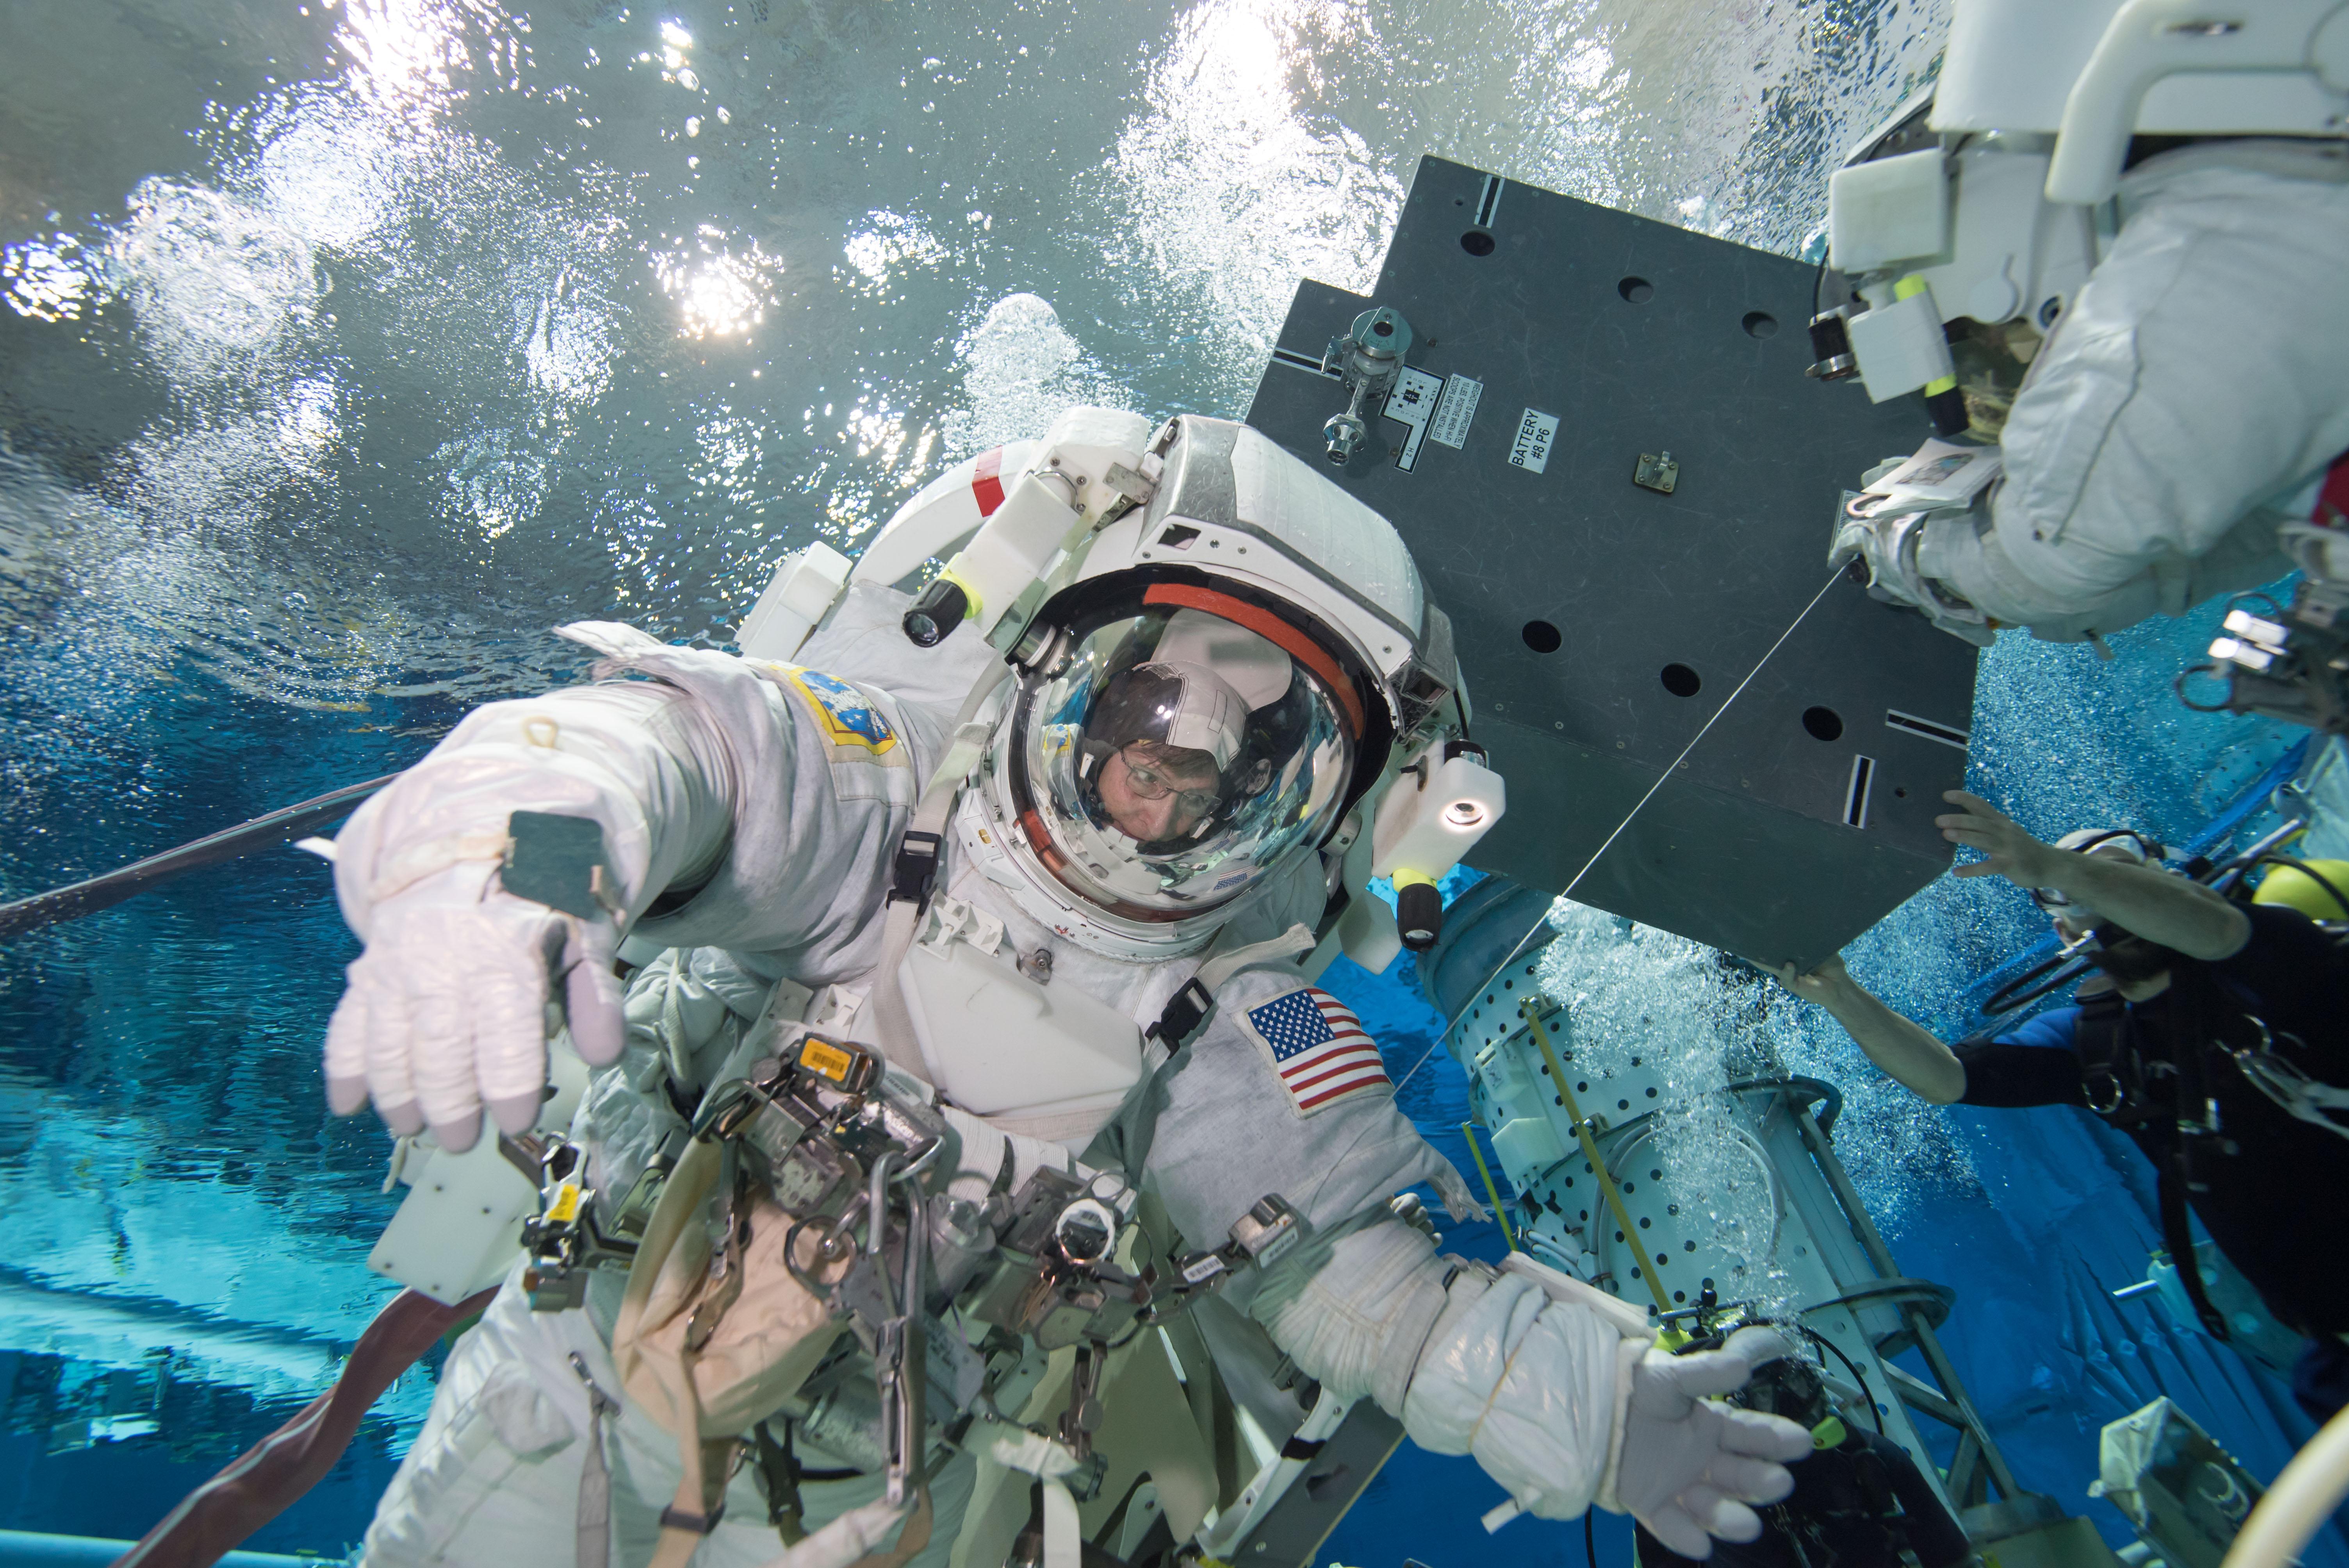 Iss Hd Wallpaper Astronaut Peggy Whitson Trains For A Spacewalk Nasa